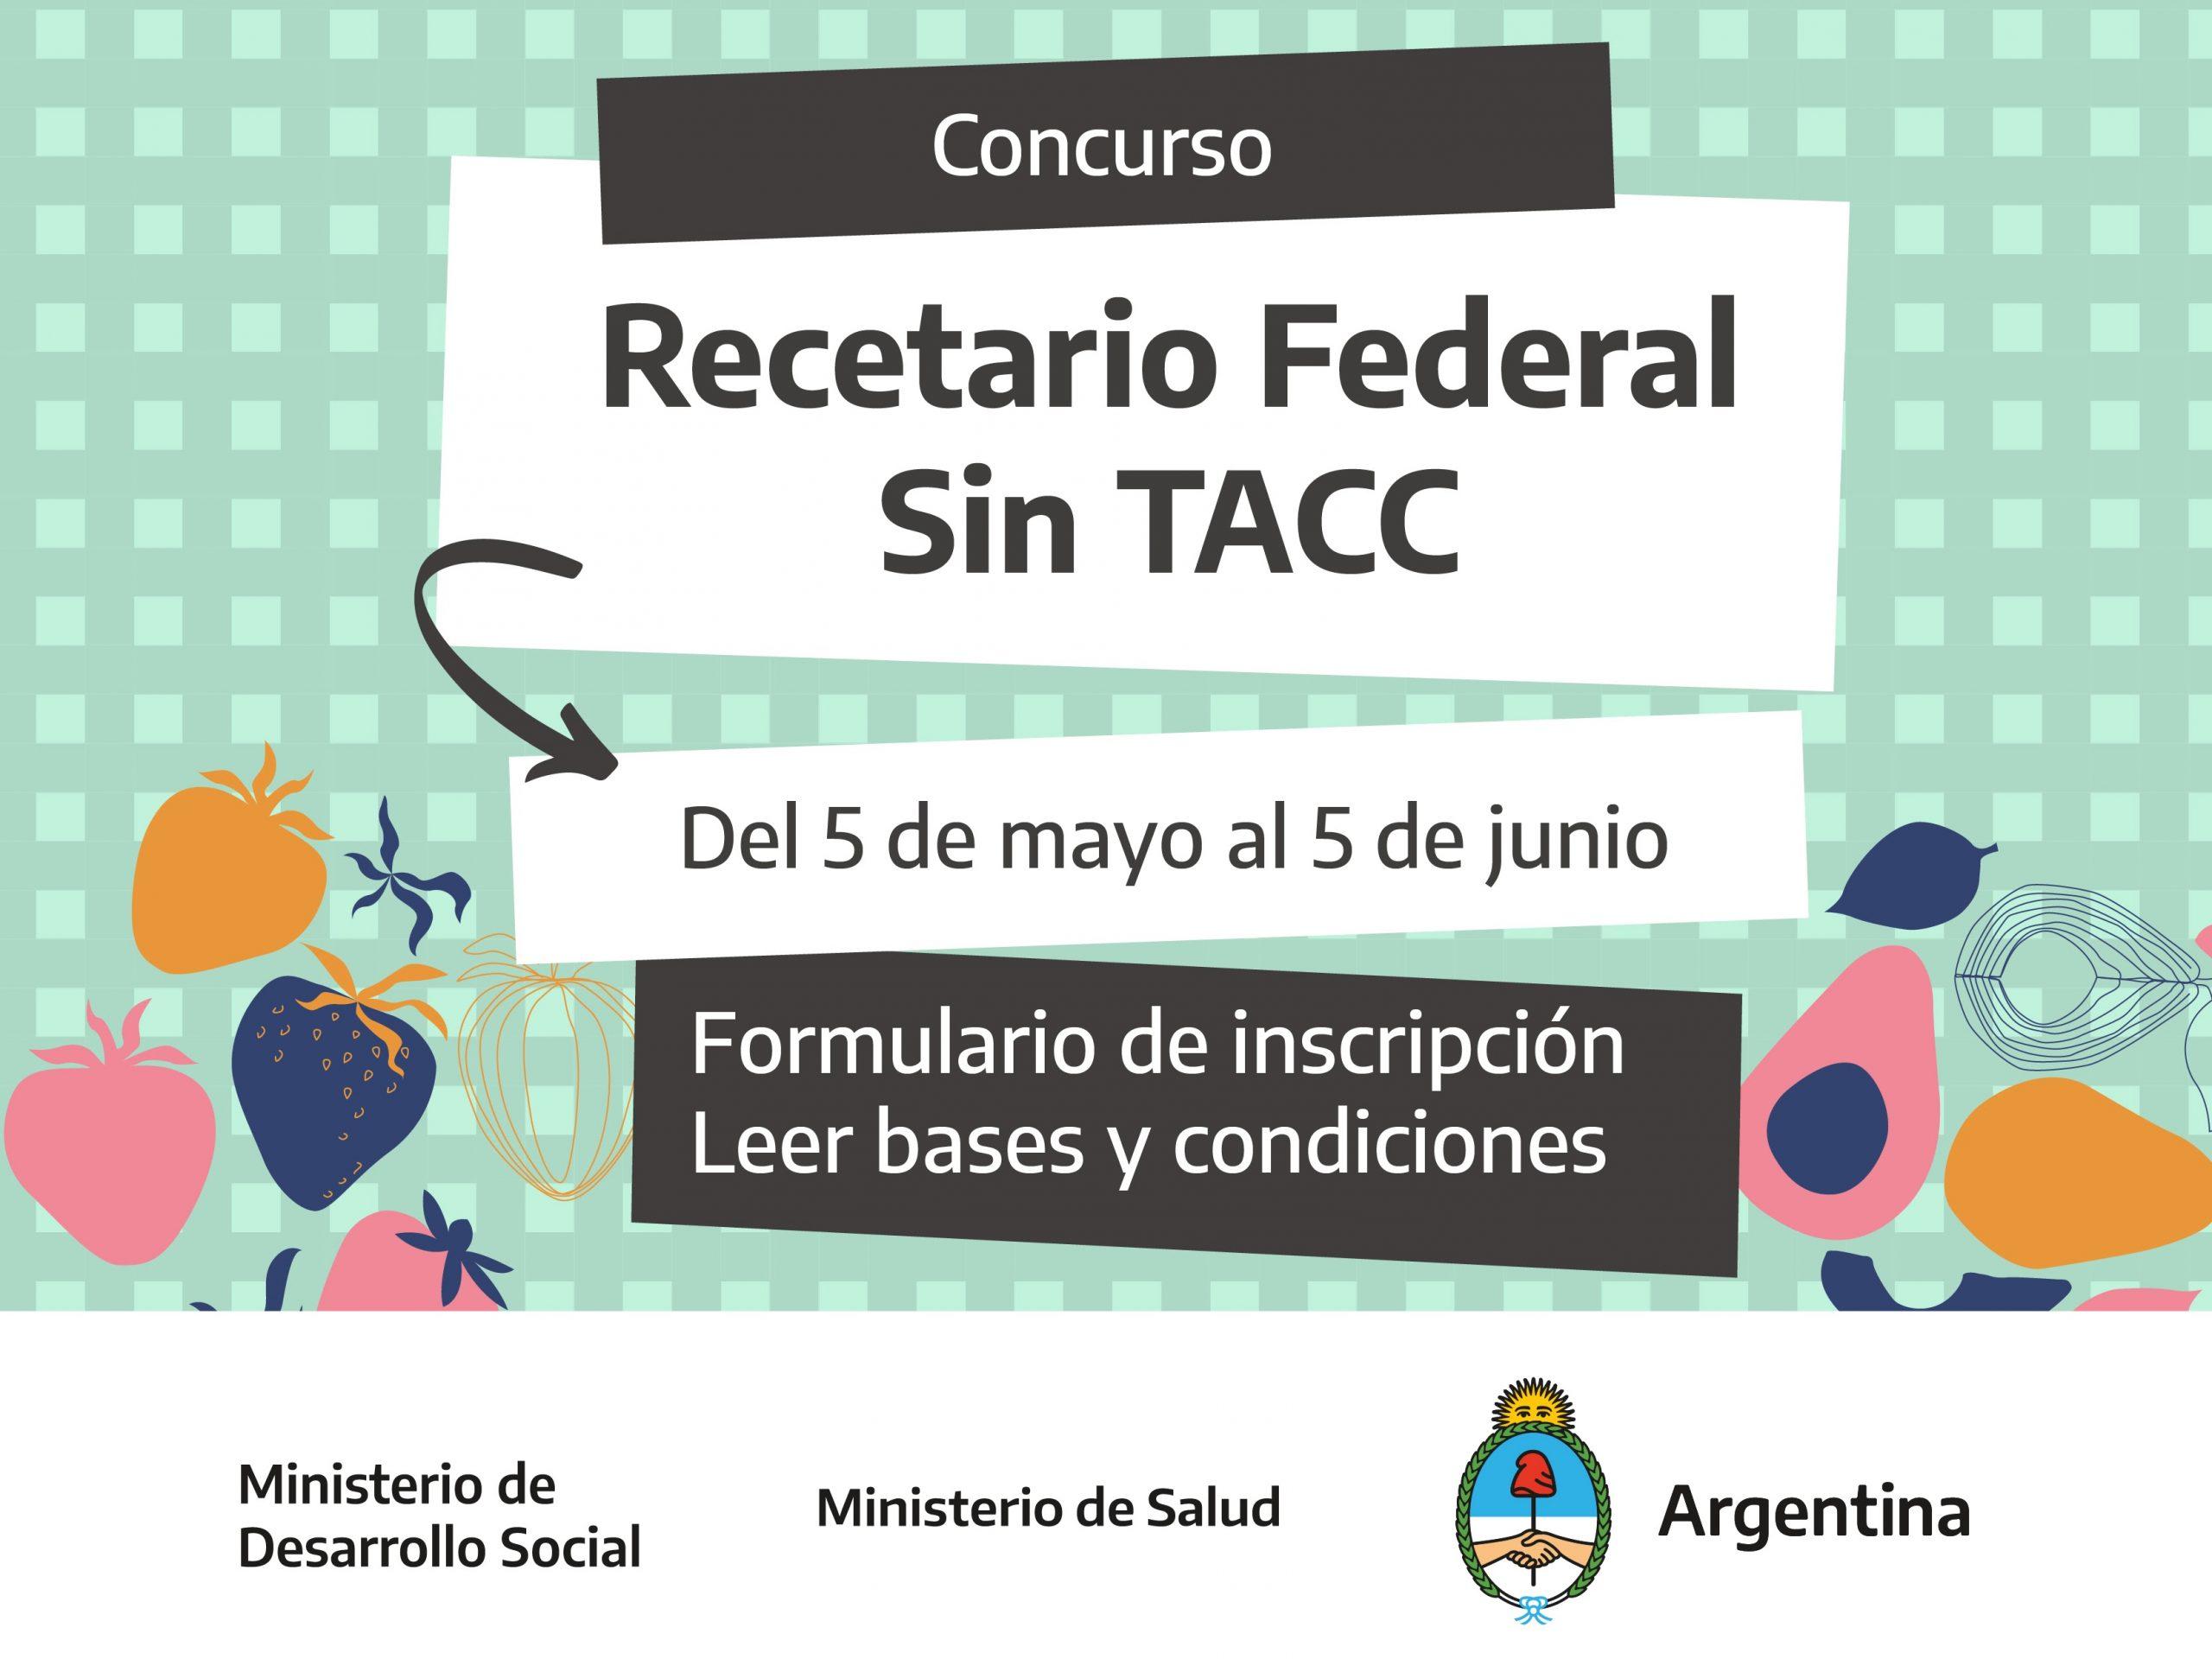 Sumate a participar de la formación del #RecetarioFederalSinTACC